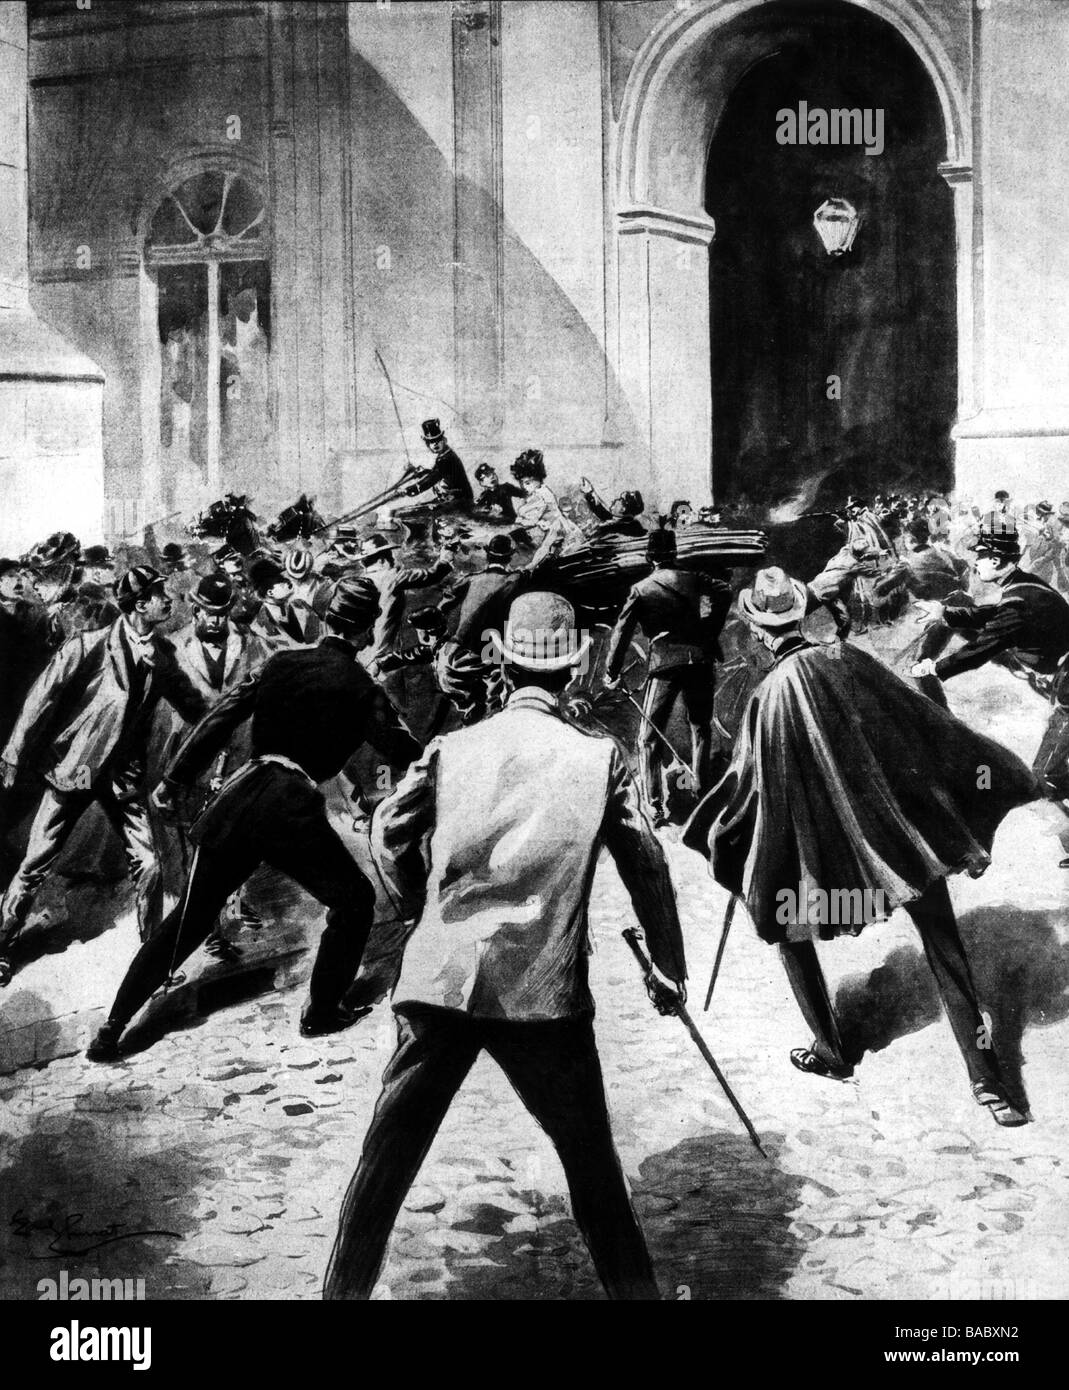 Charles, I, 28.9.1863 - 1.2.1908, König von Portugal, 80-1908, Tod, Attentat in Lissabon, 1.2.1908, zeitgenössische Illustration, Stockfoto